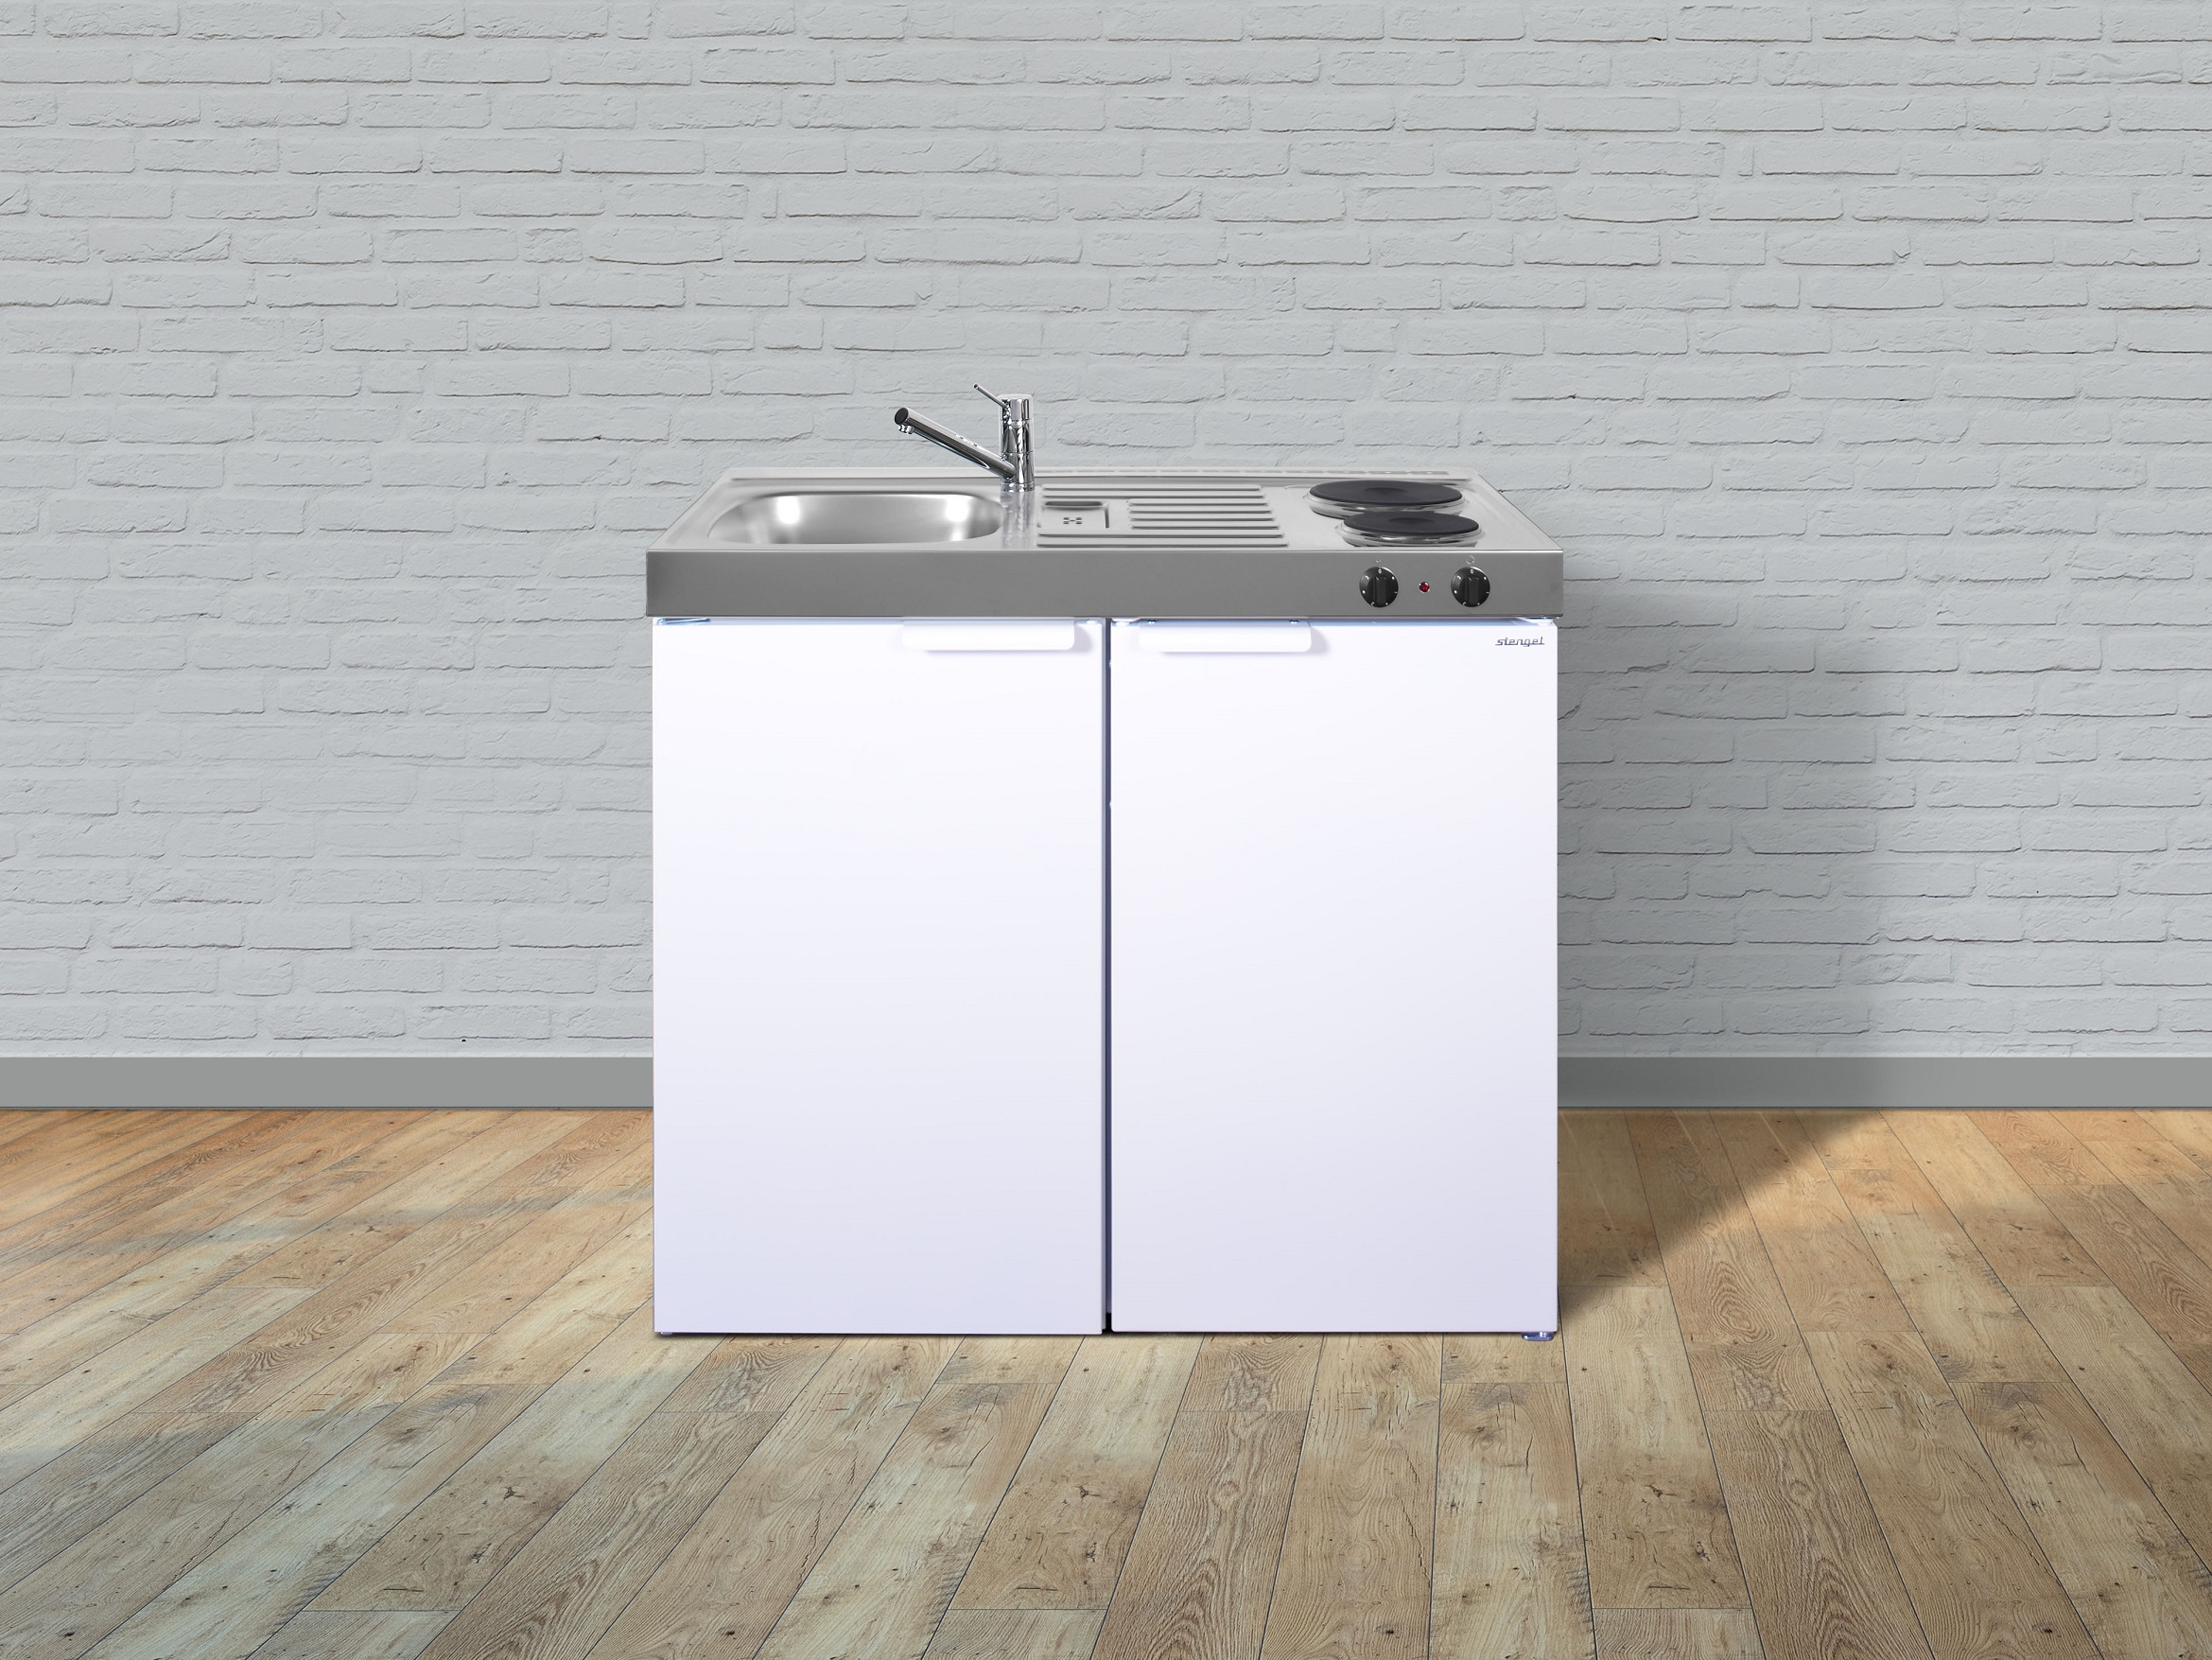 Stengel Küche Miniküche Küchenzeile Singleküche Metallküche Metall 100 cm weiss